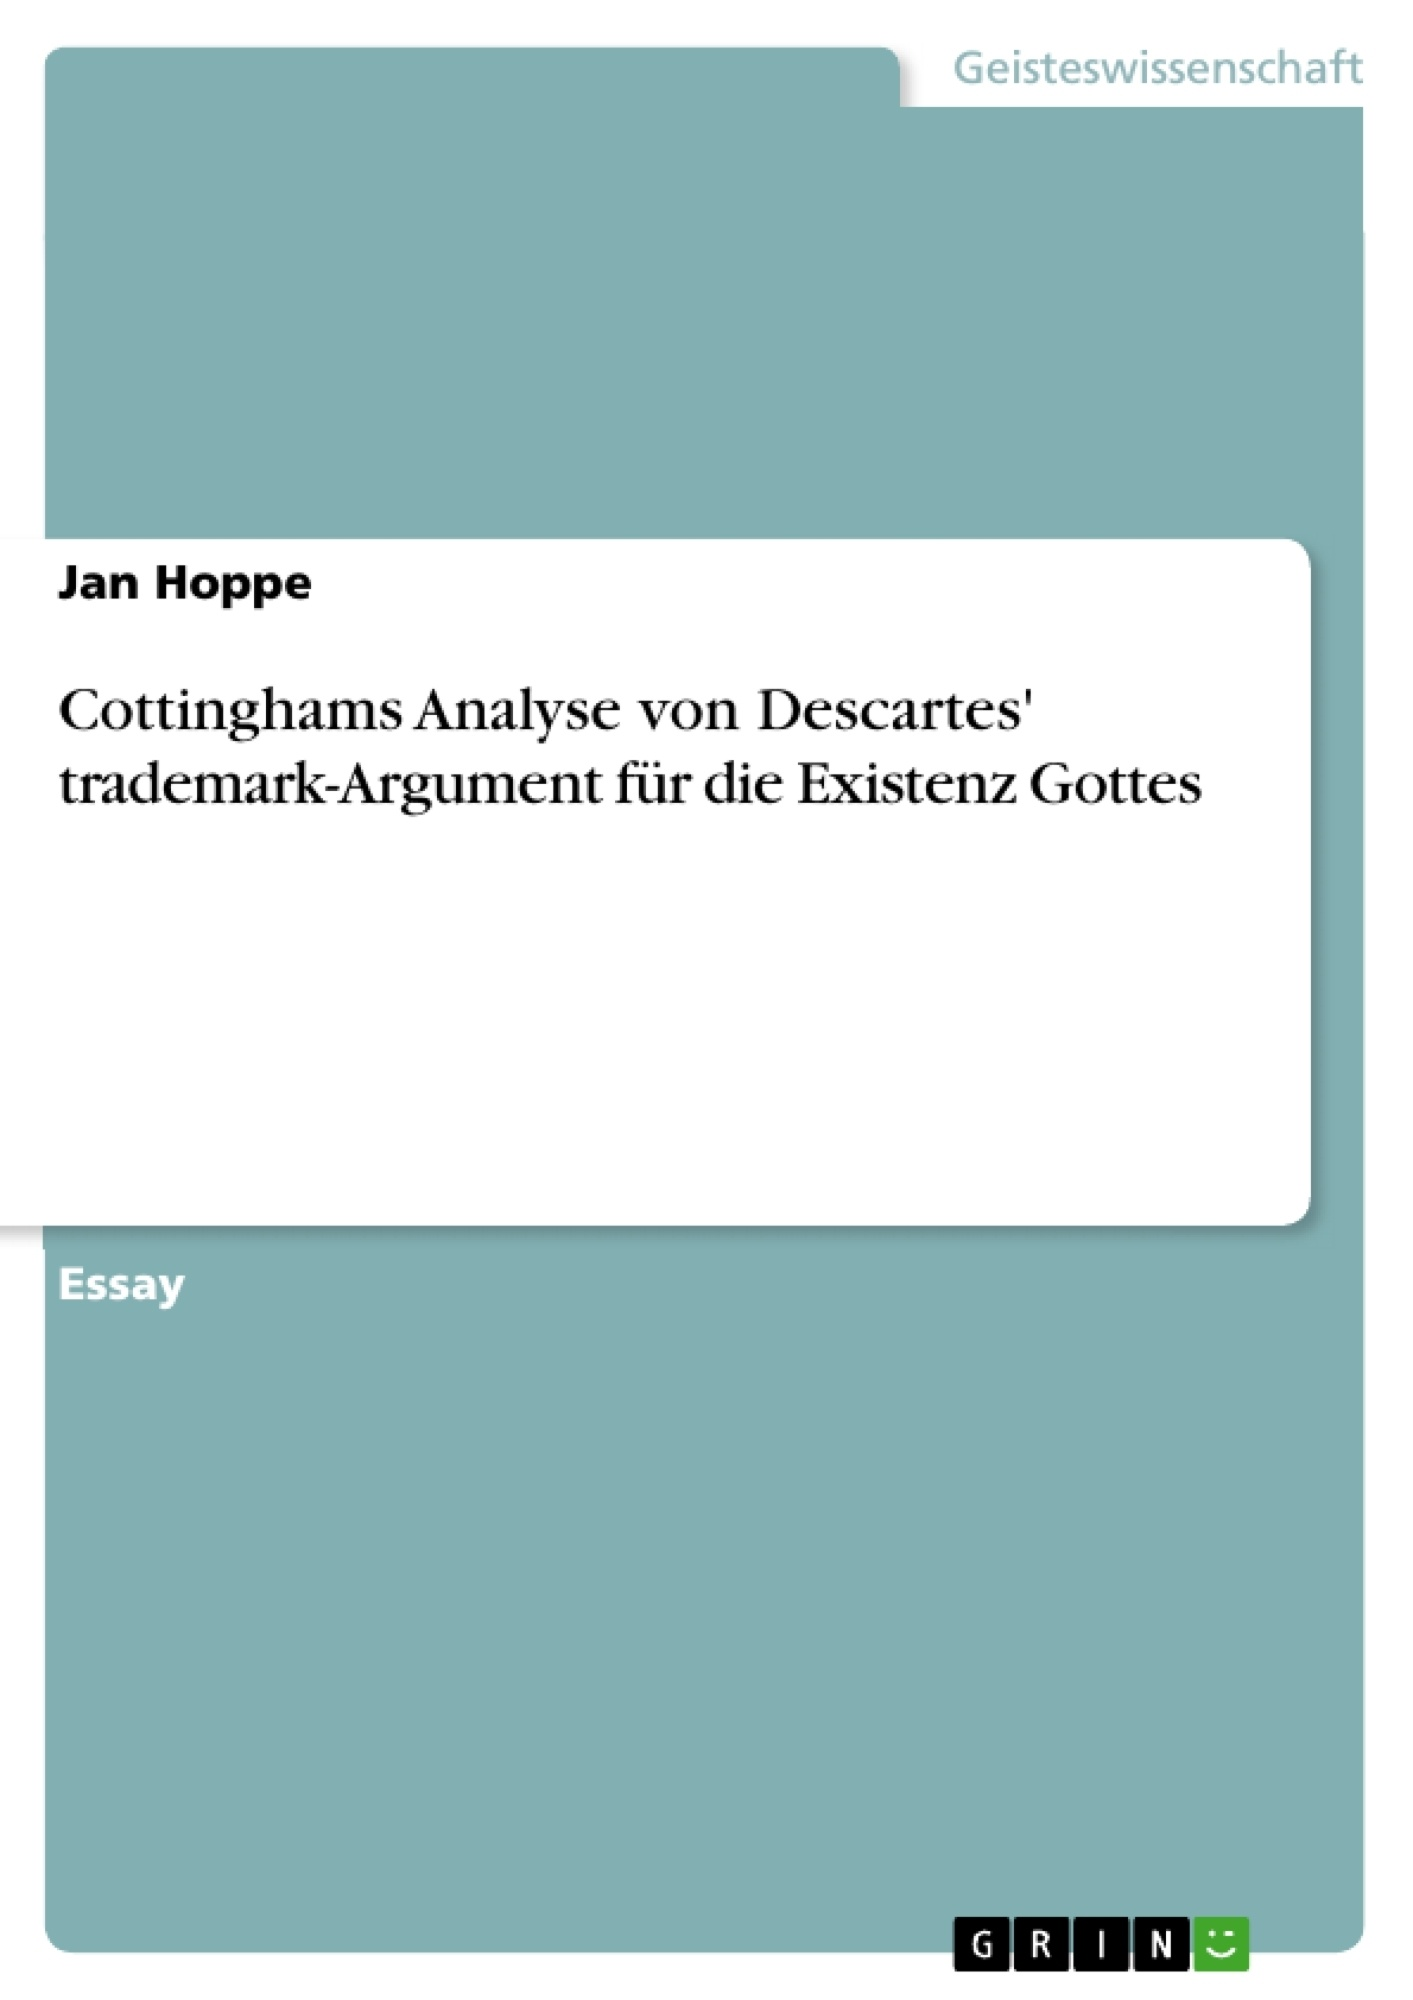 Titel: Cottinghams Analyse von Descartes' trademark-Argument für die Existenz Gottes